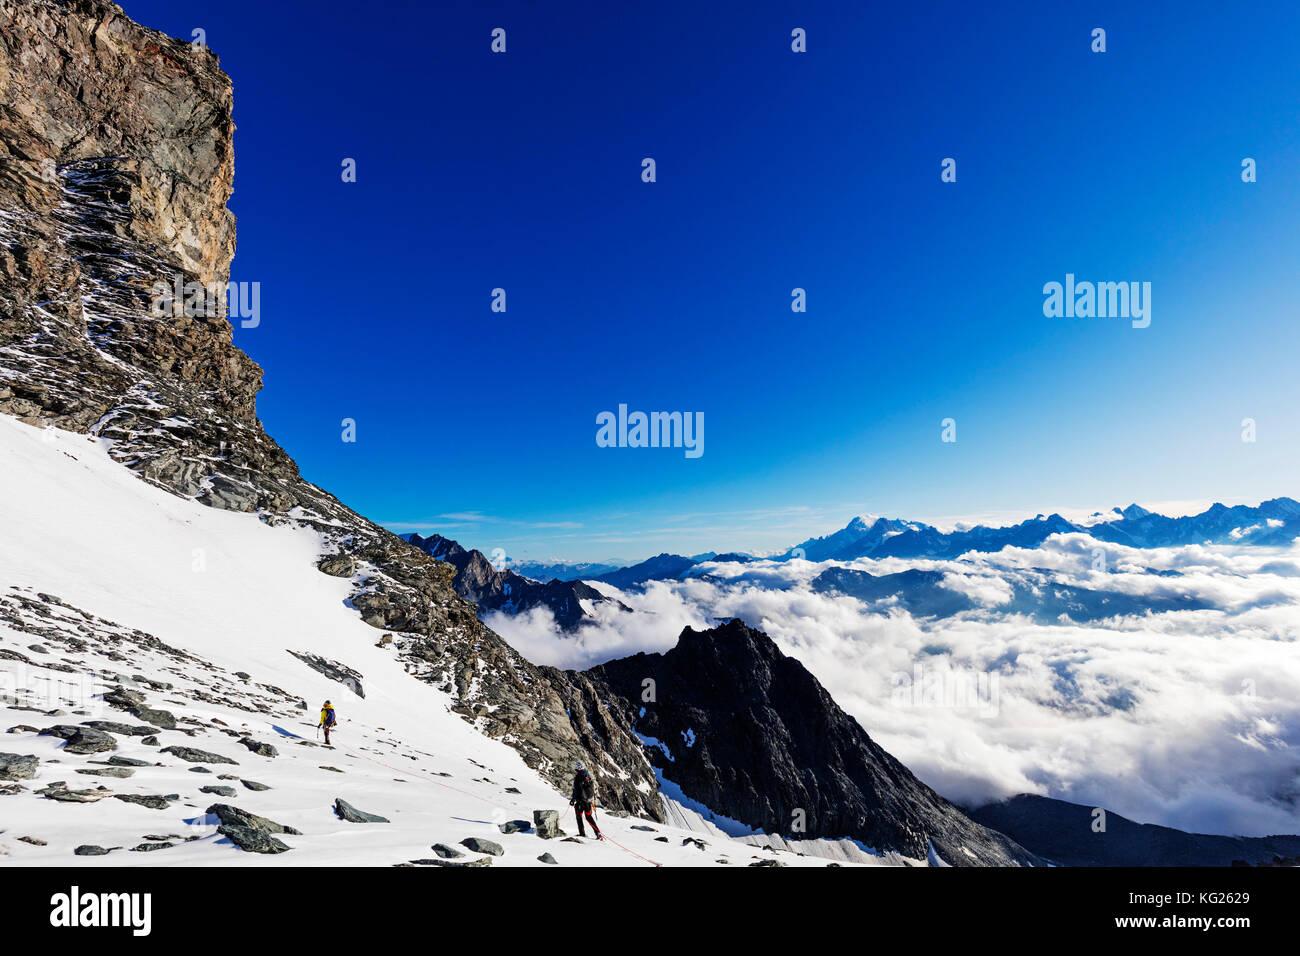 Anzeigen Blanc in Frankreich von der Grand Combin, Wallis zu Mont, Schweizer Alpen, Schweiz, Europa Stockbild